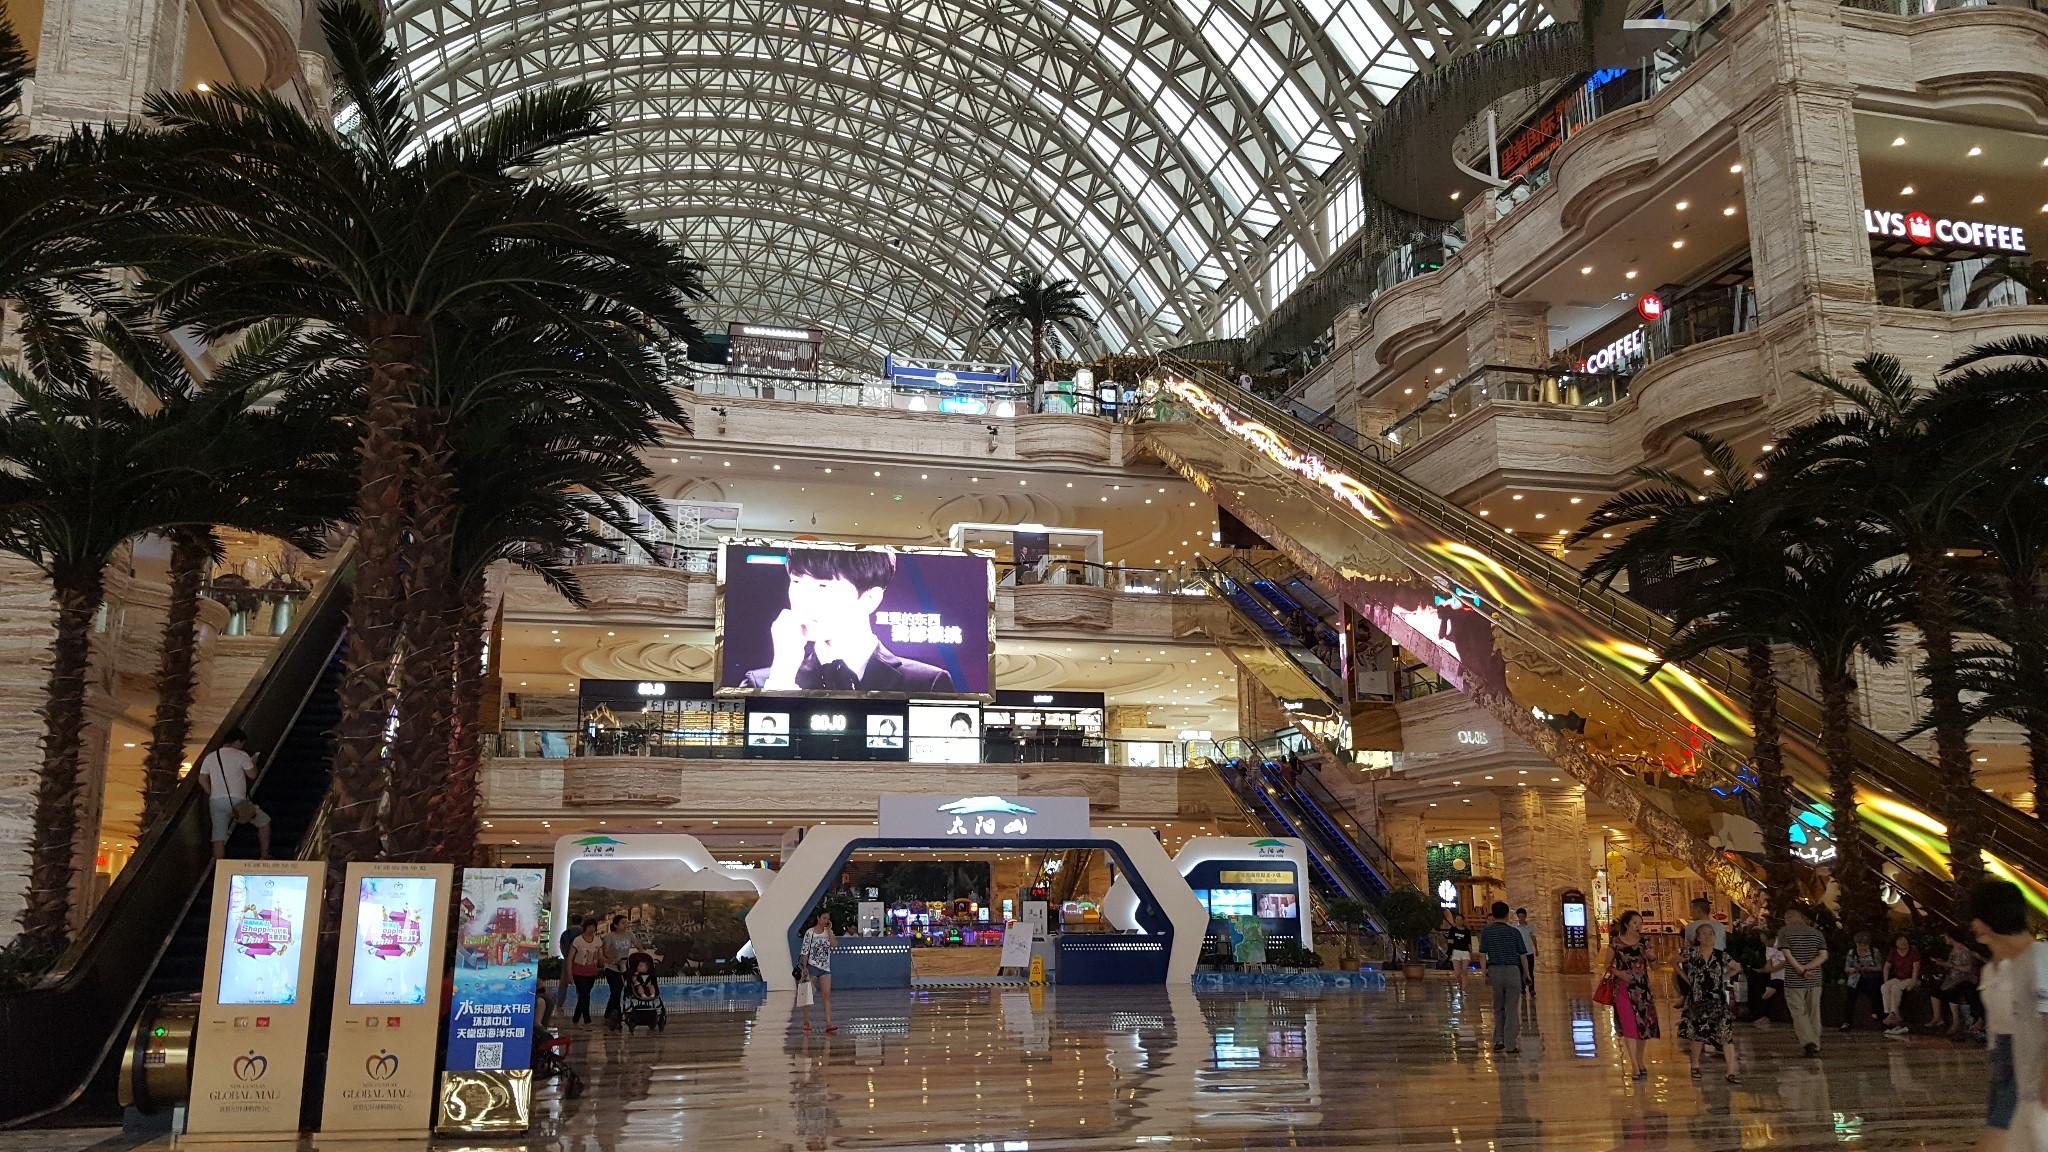 ChengDu New Century Global Center